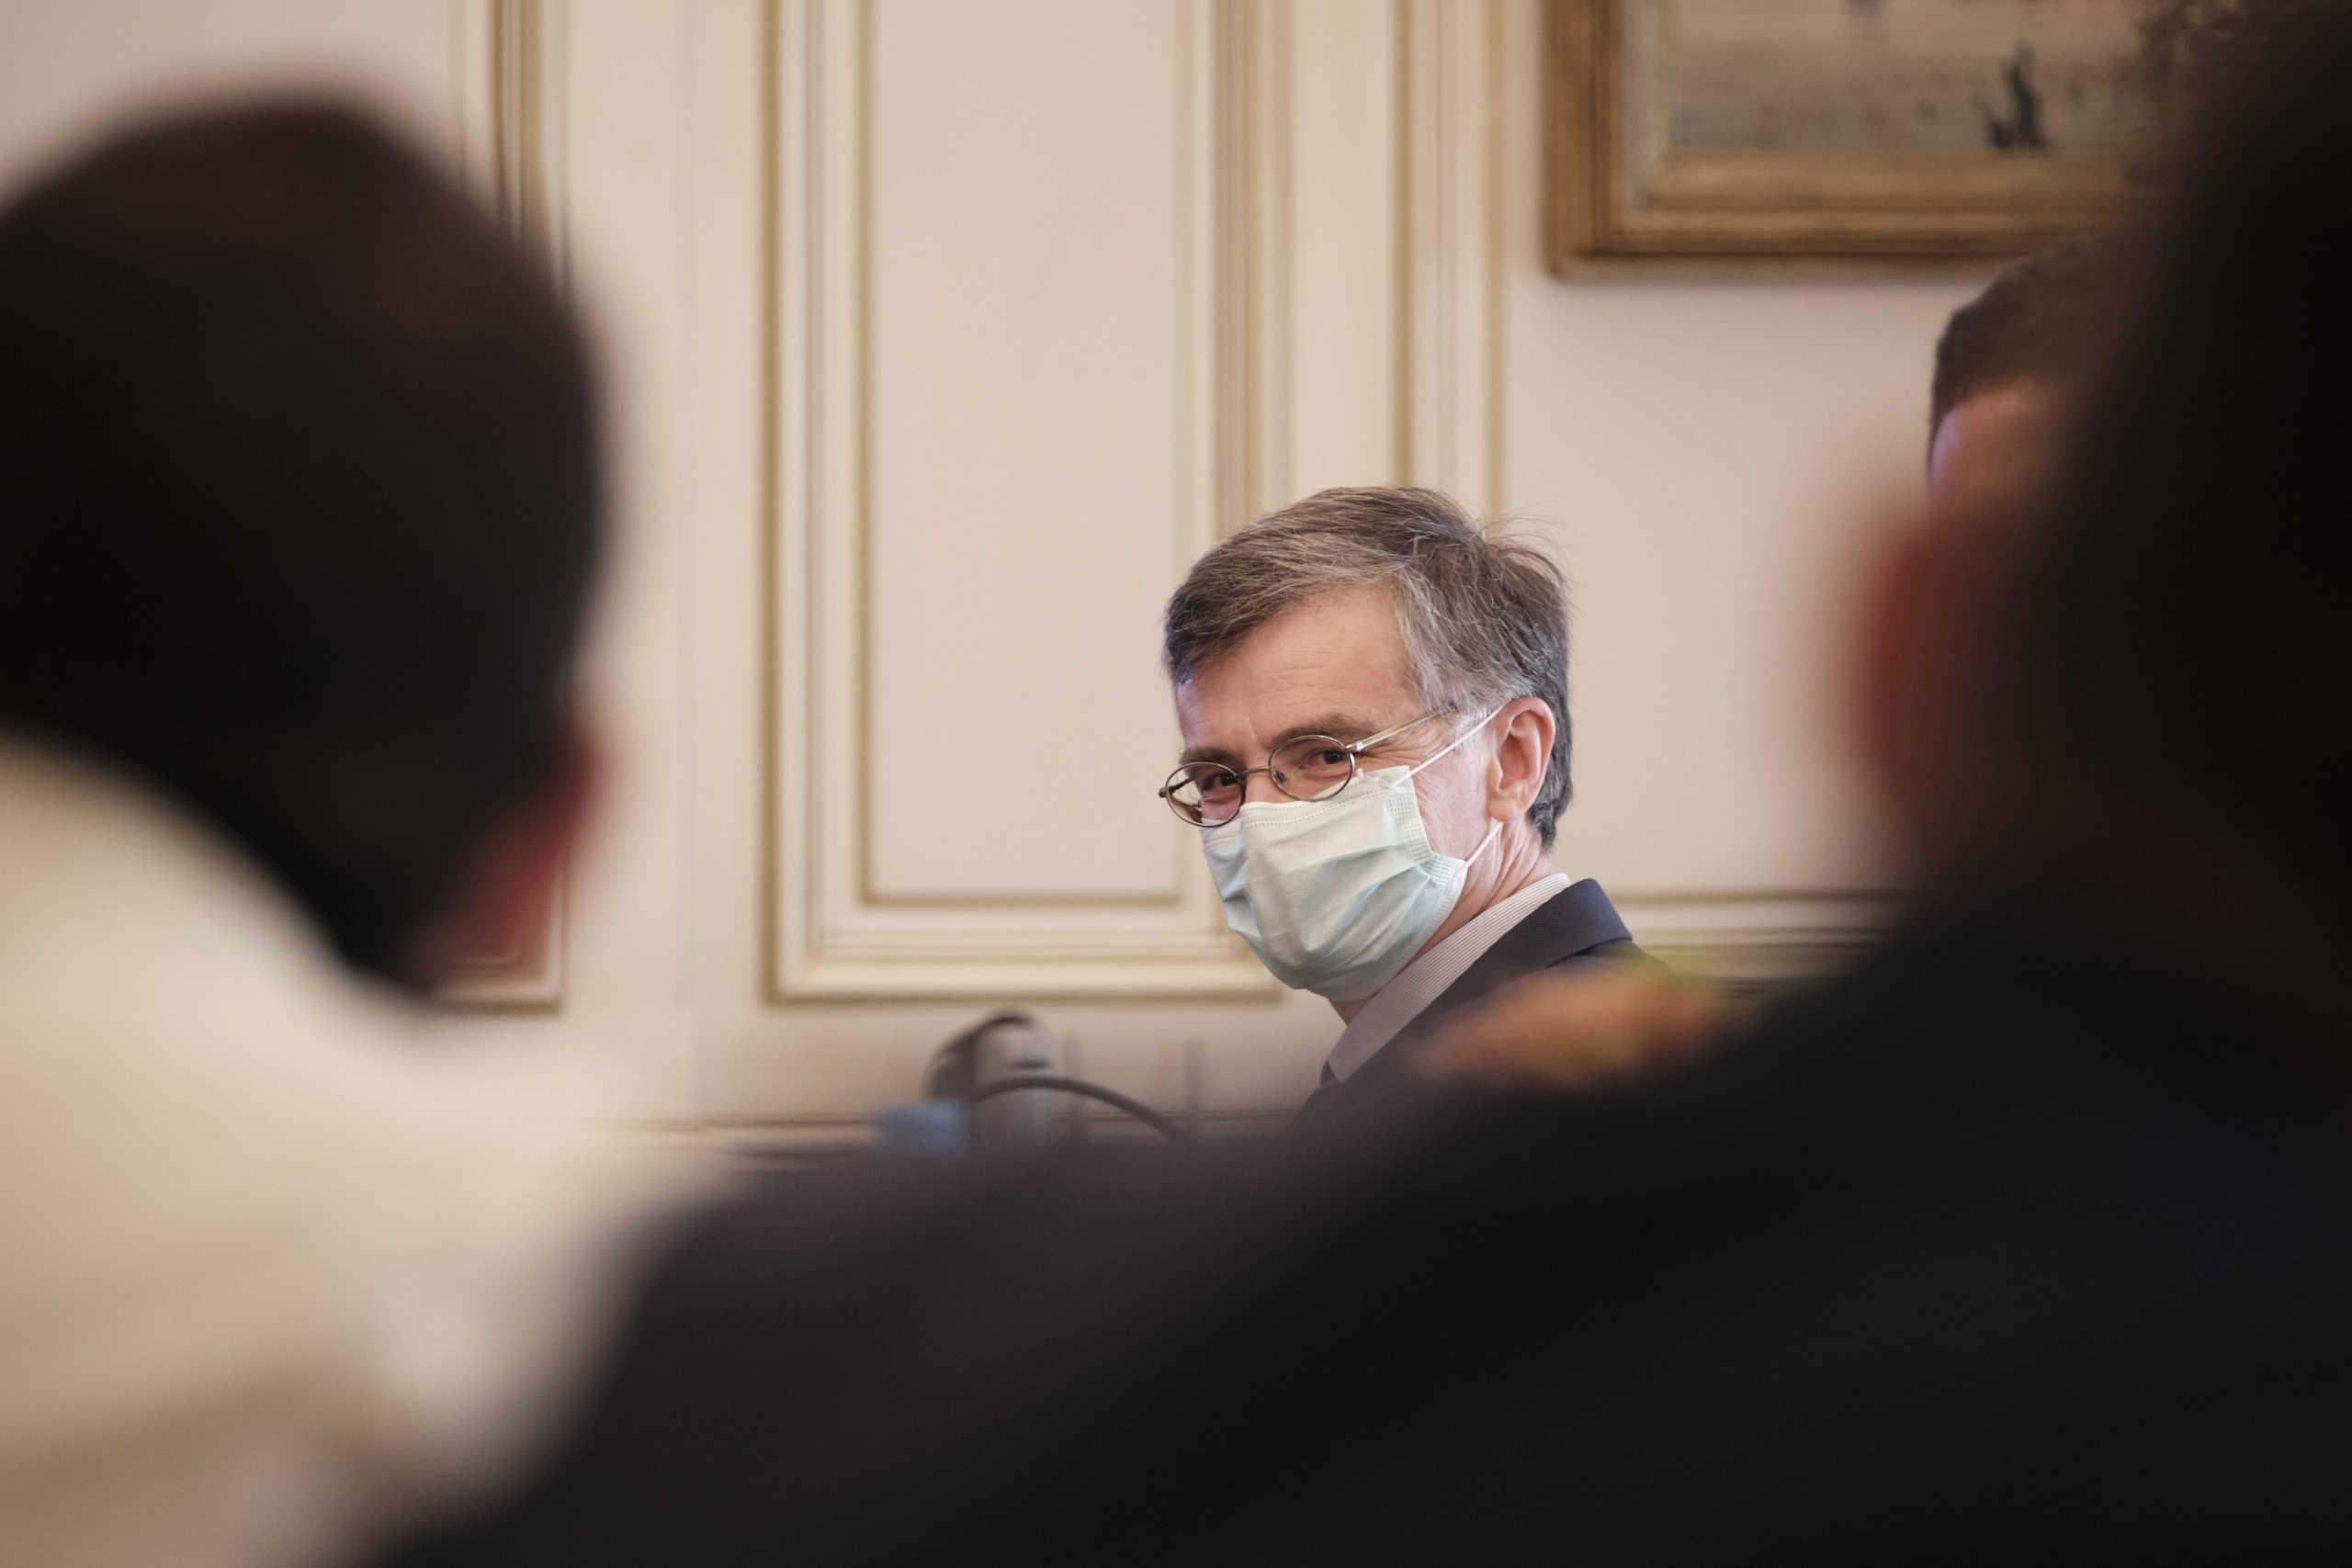 Οργή Μητσοτάκη για την στοχοποίηση Τσιόδρα από τον ΣΥΡΙΖΑ – «Χτυπήστε εμένα και αφήστε τους επιστήμονες»